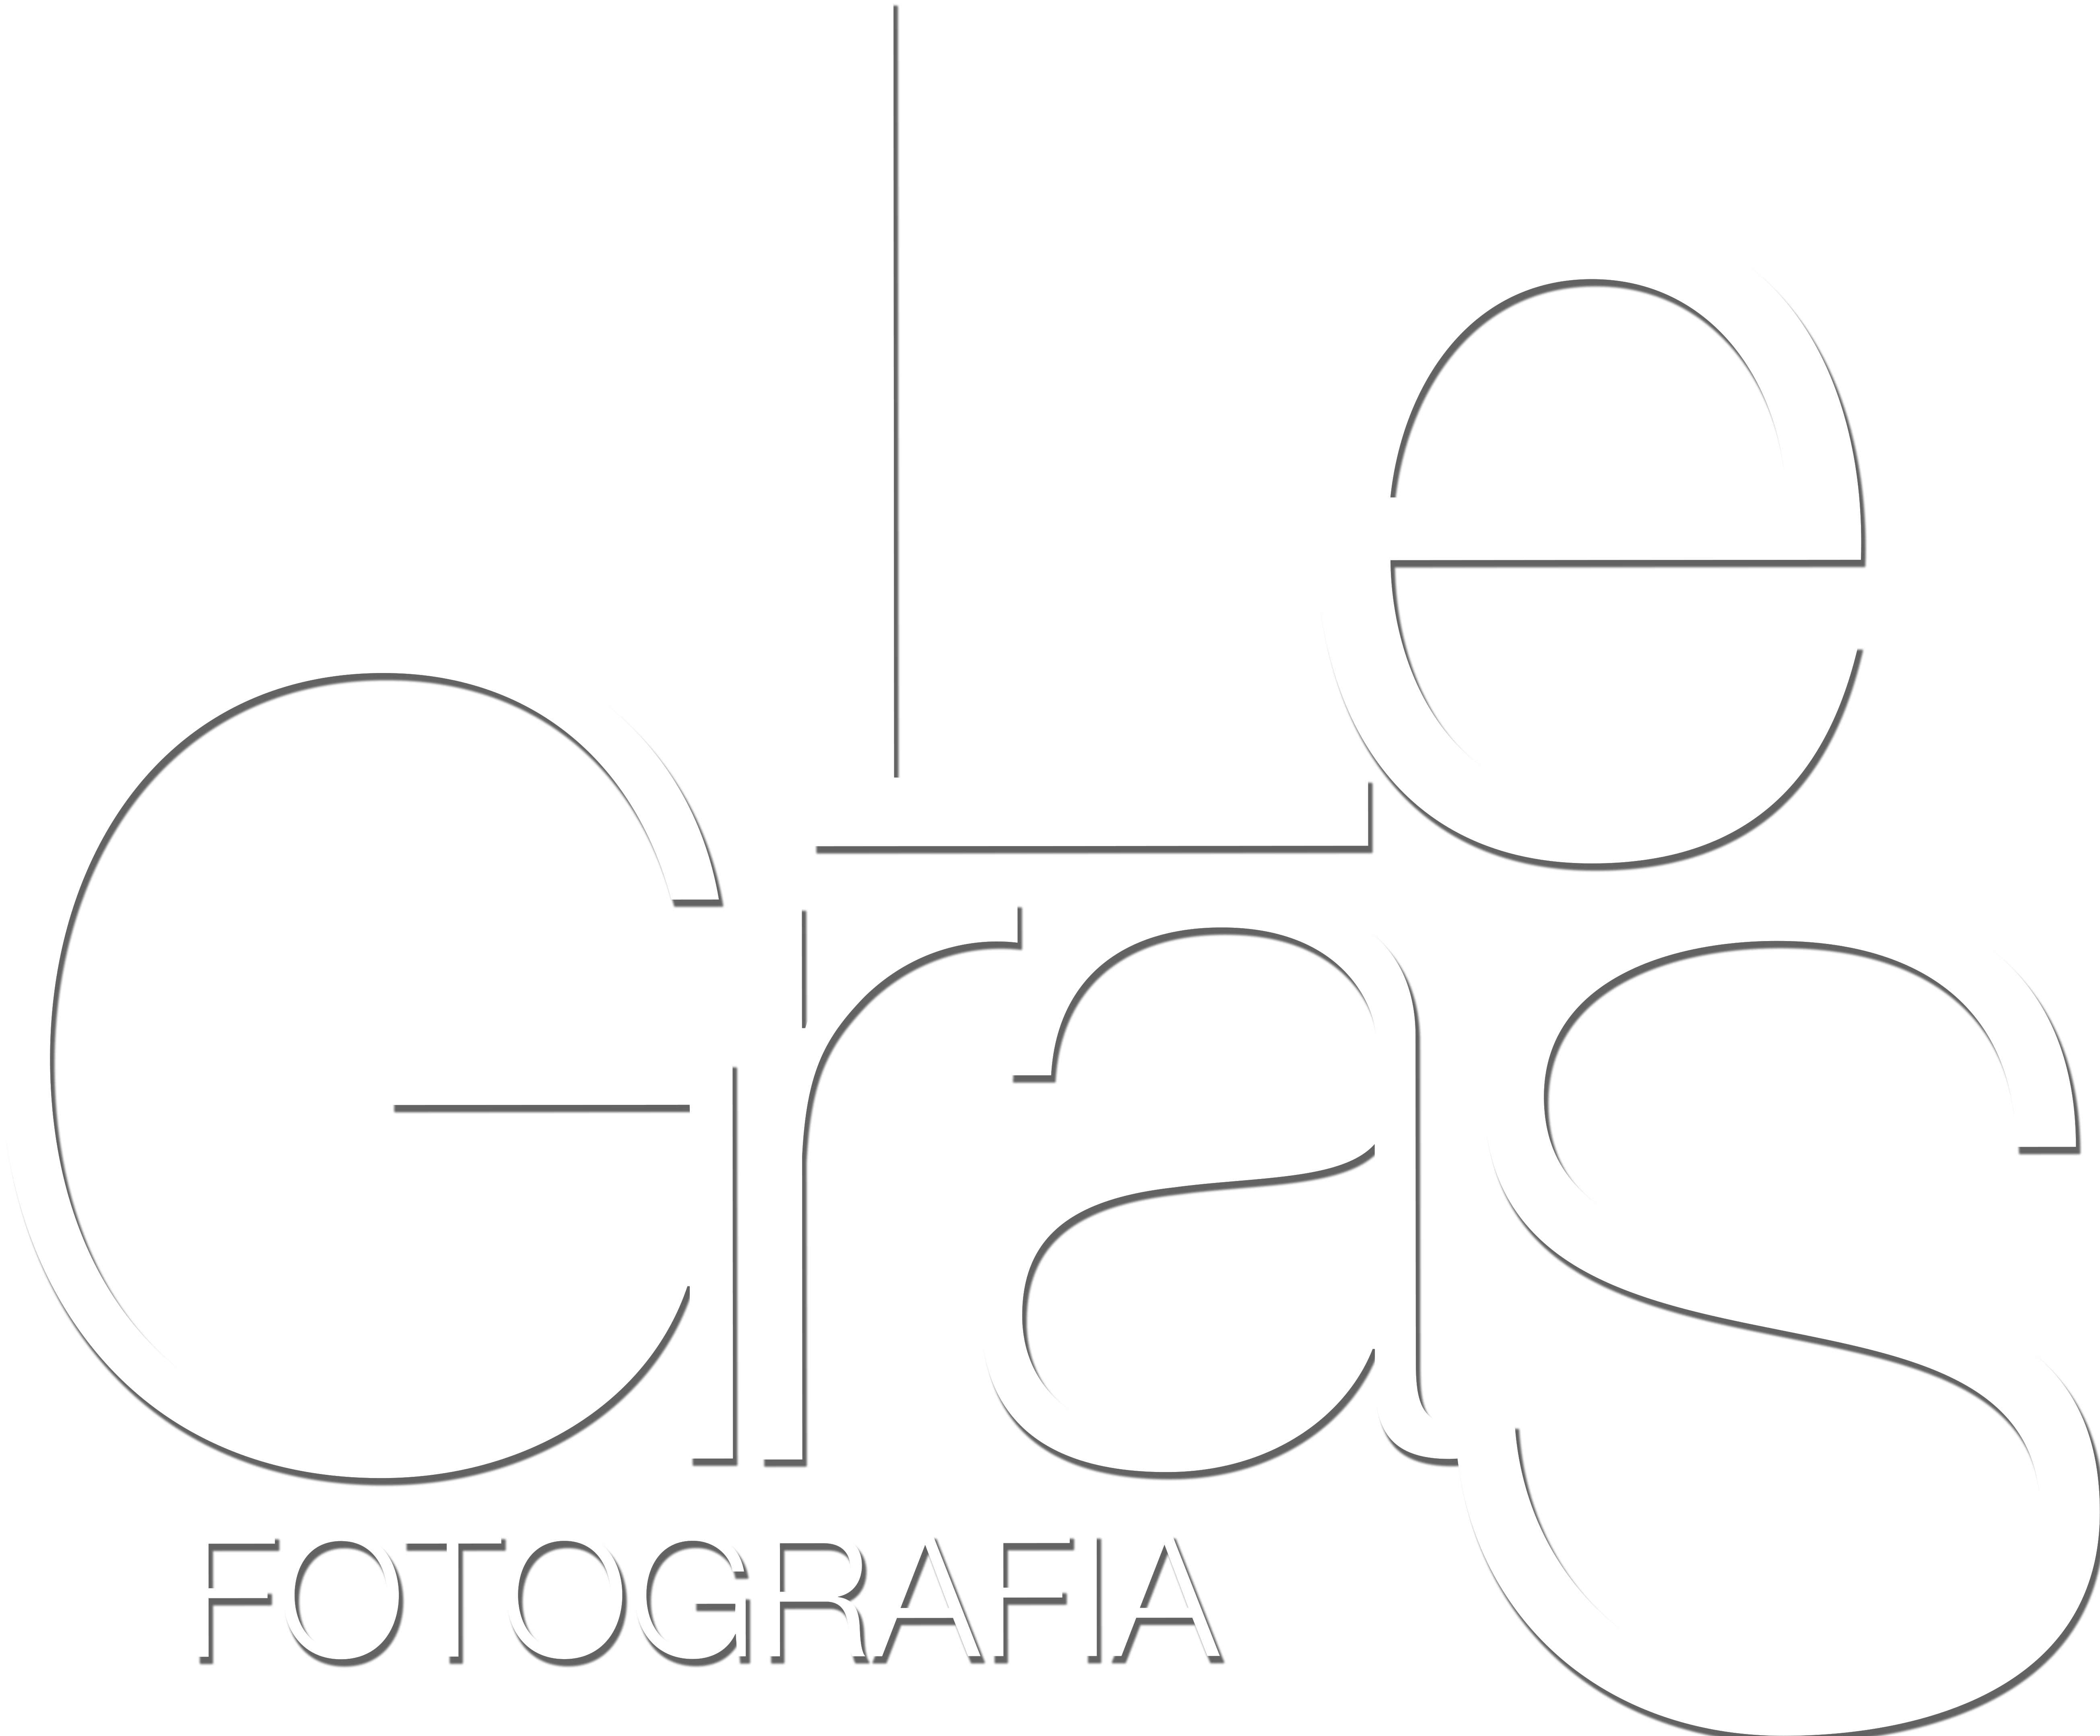 Le Gras Fotografia